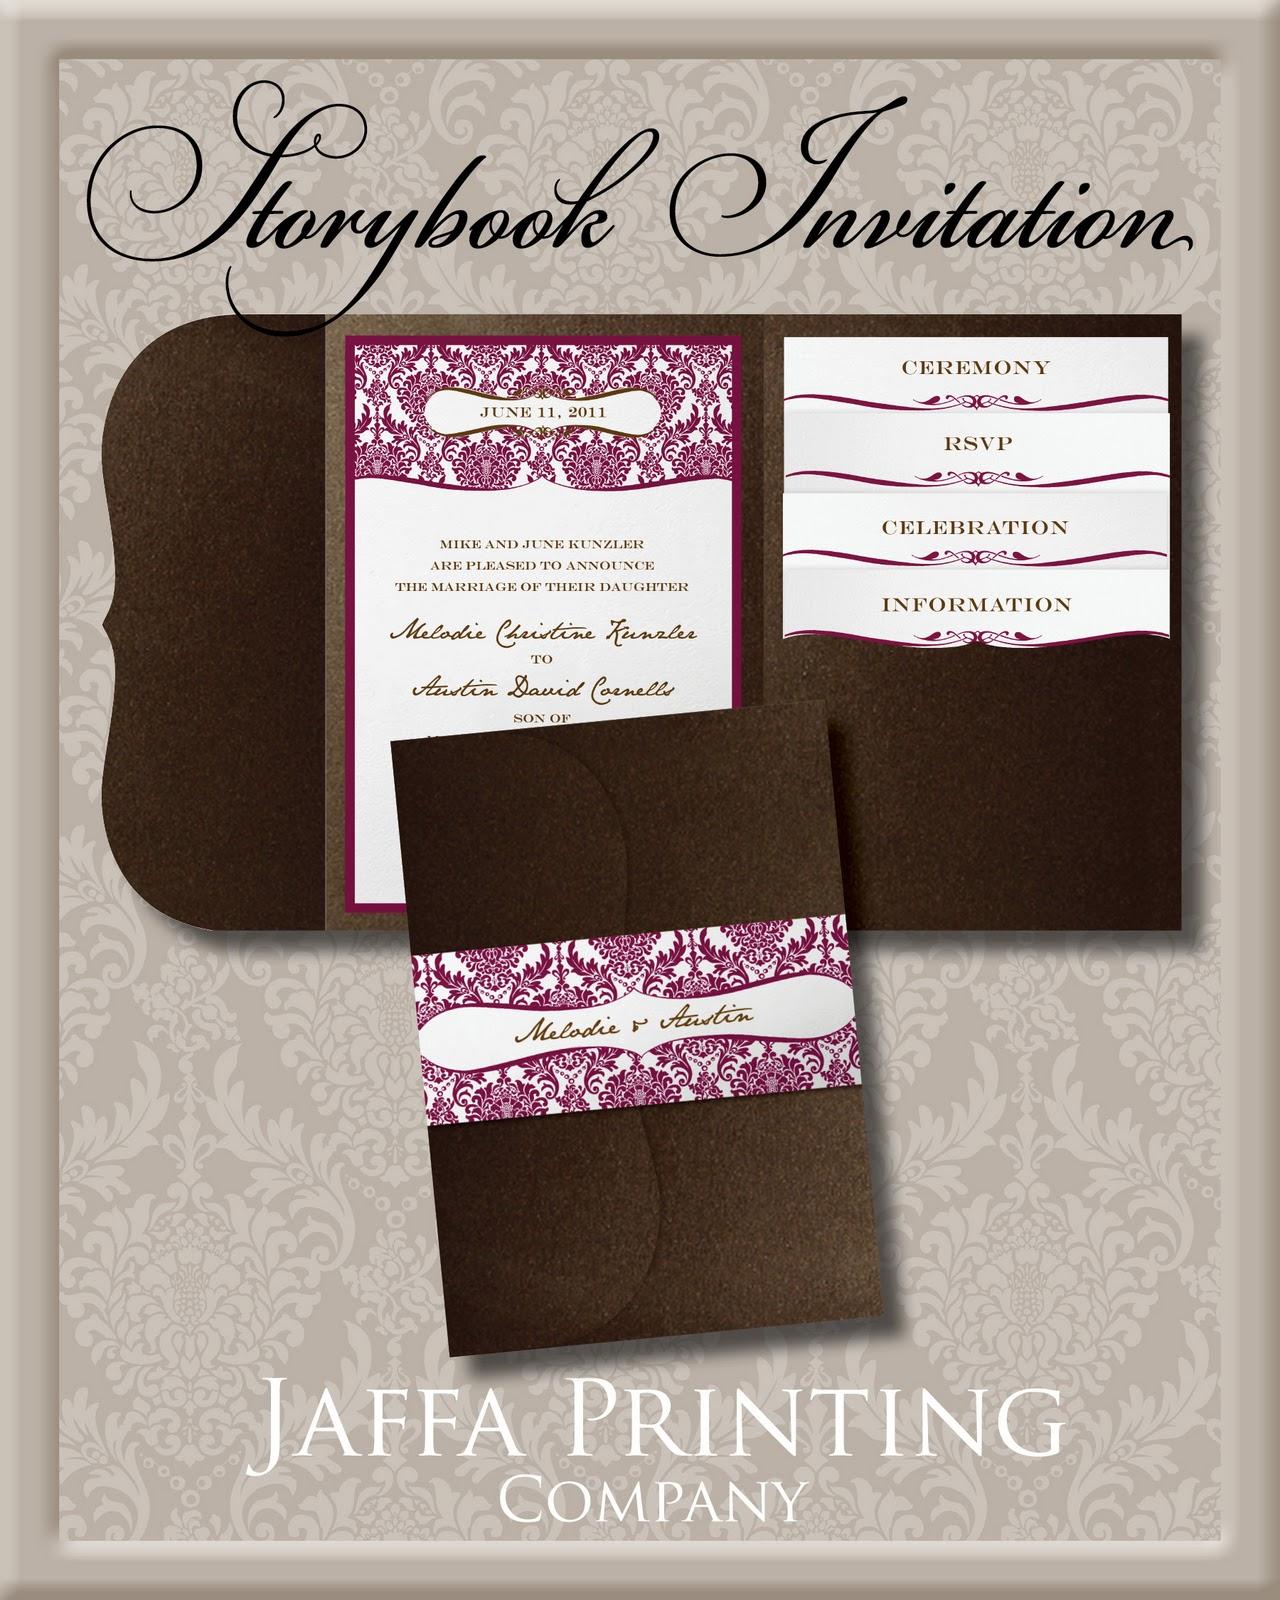 Pocket Wedding Invitation: Wedding Invitation Blog: Pocket Invitation